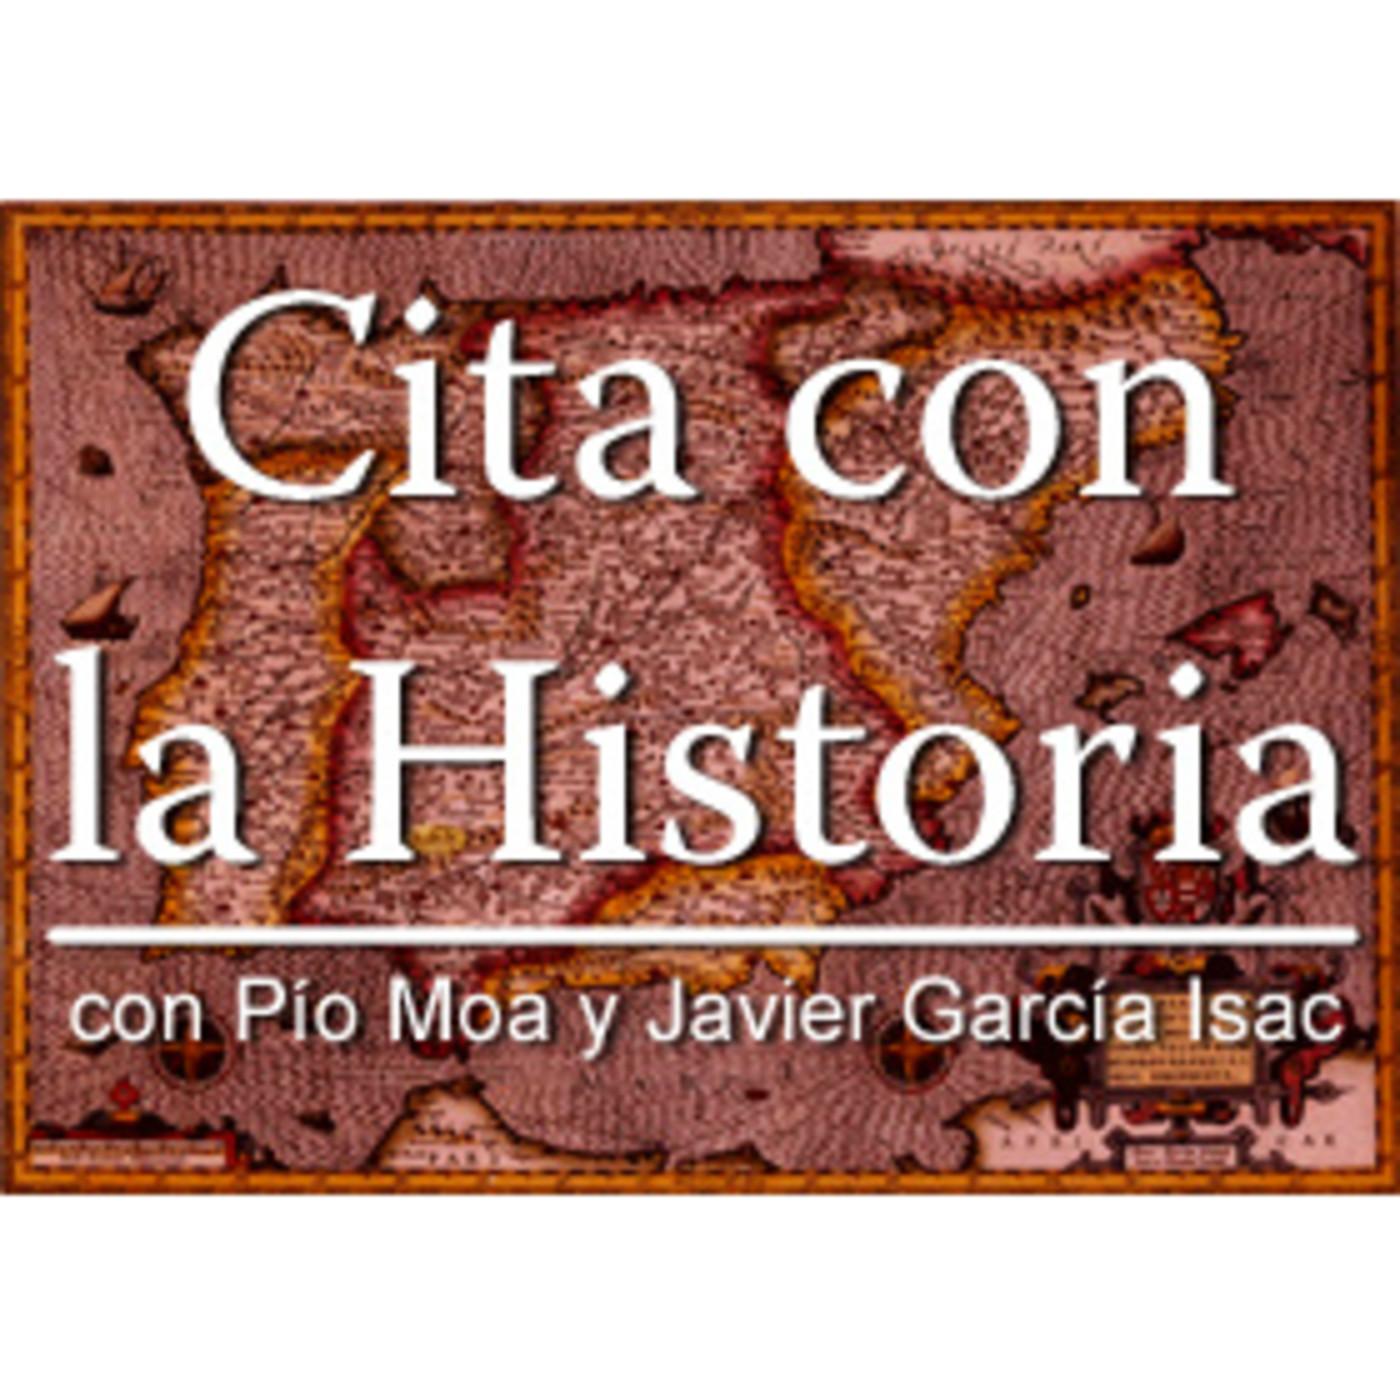 Cita con la Historia (Pío Moa) 103 Franco, Hitler y Mussolini (19-6-2016)